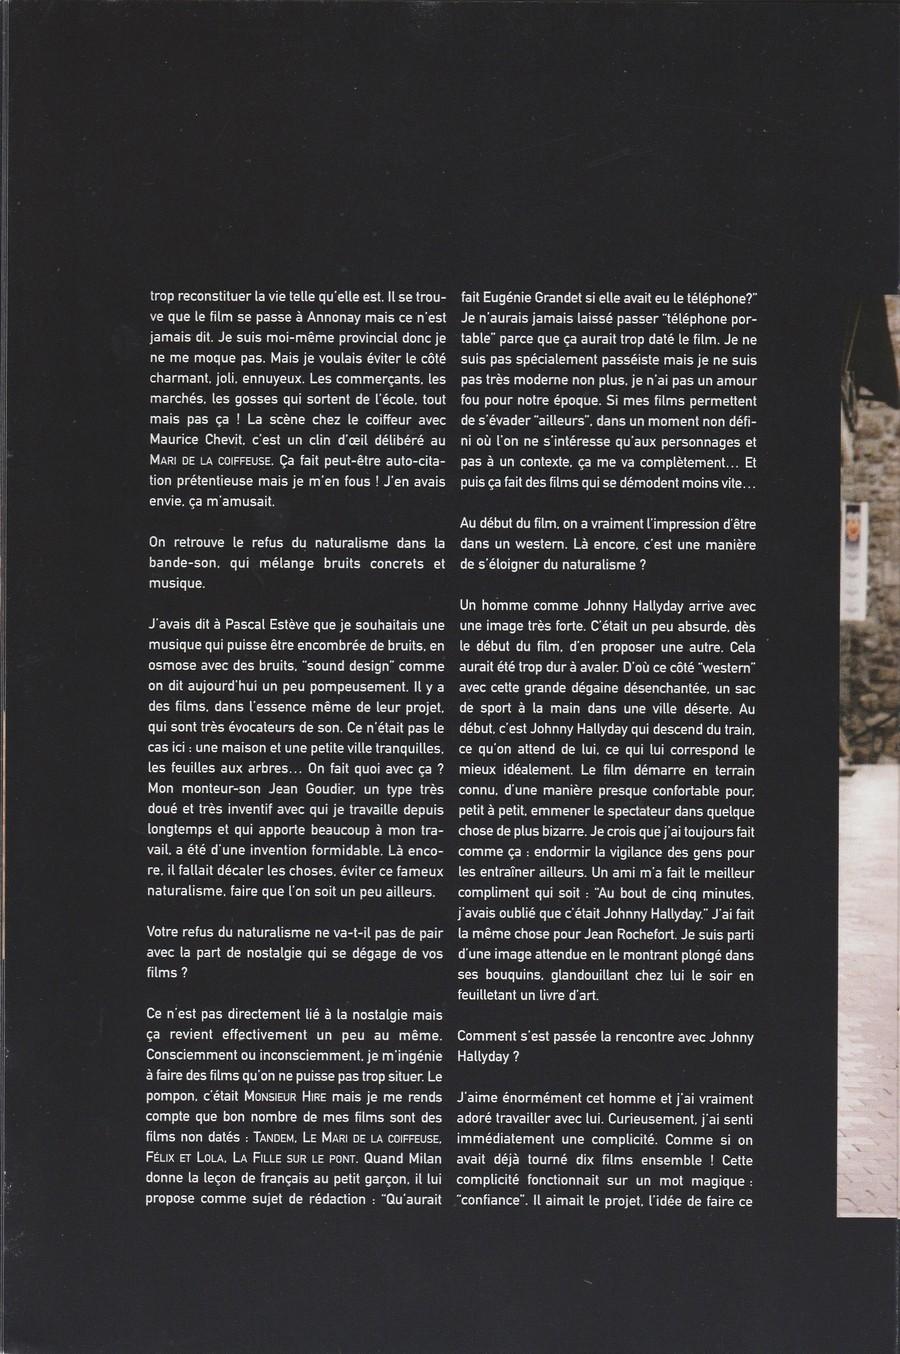 LES FILMS DE JOHNNY 'L'HOMME DU TRAIN' 2002 Img_2744